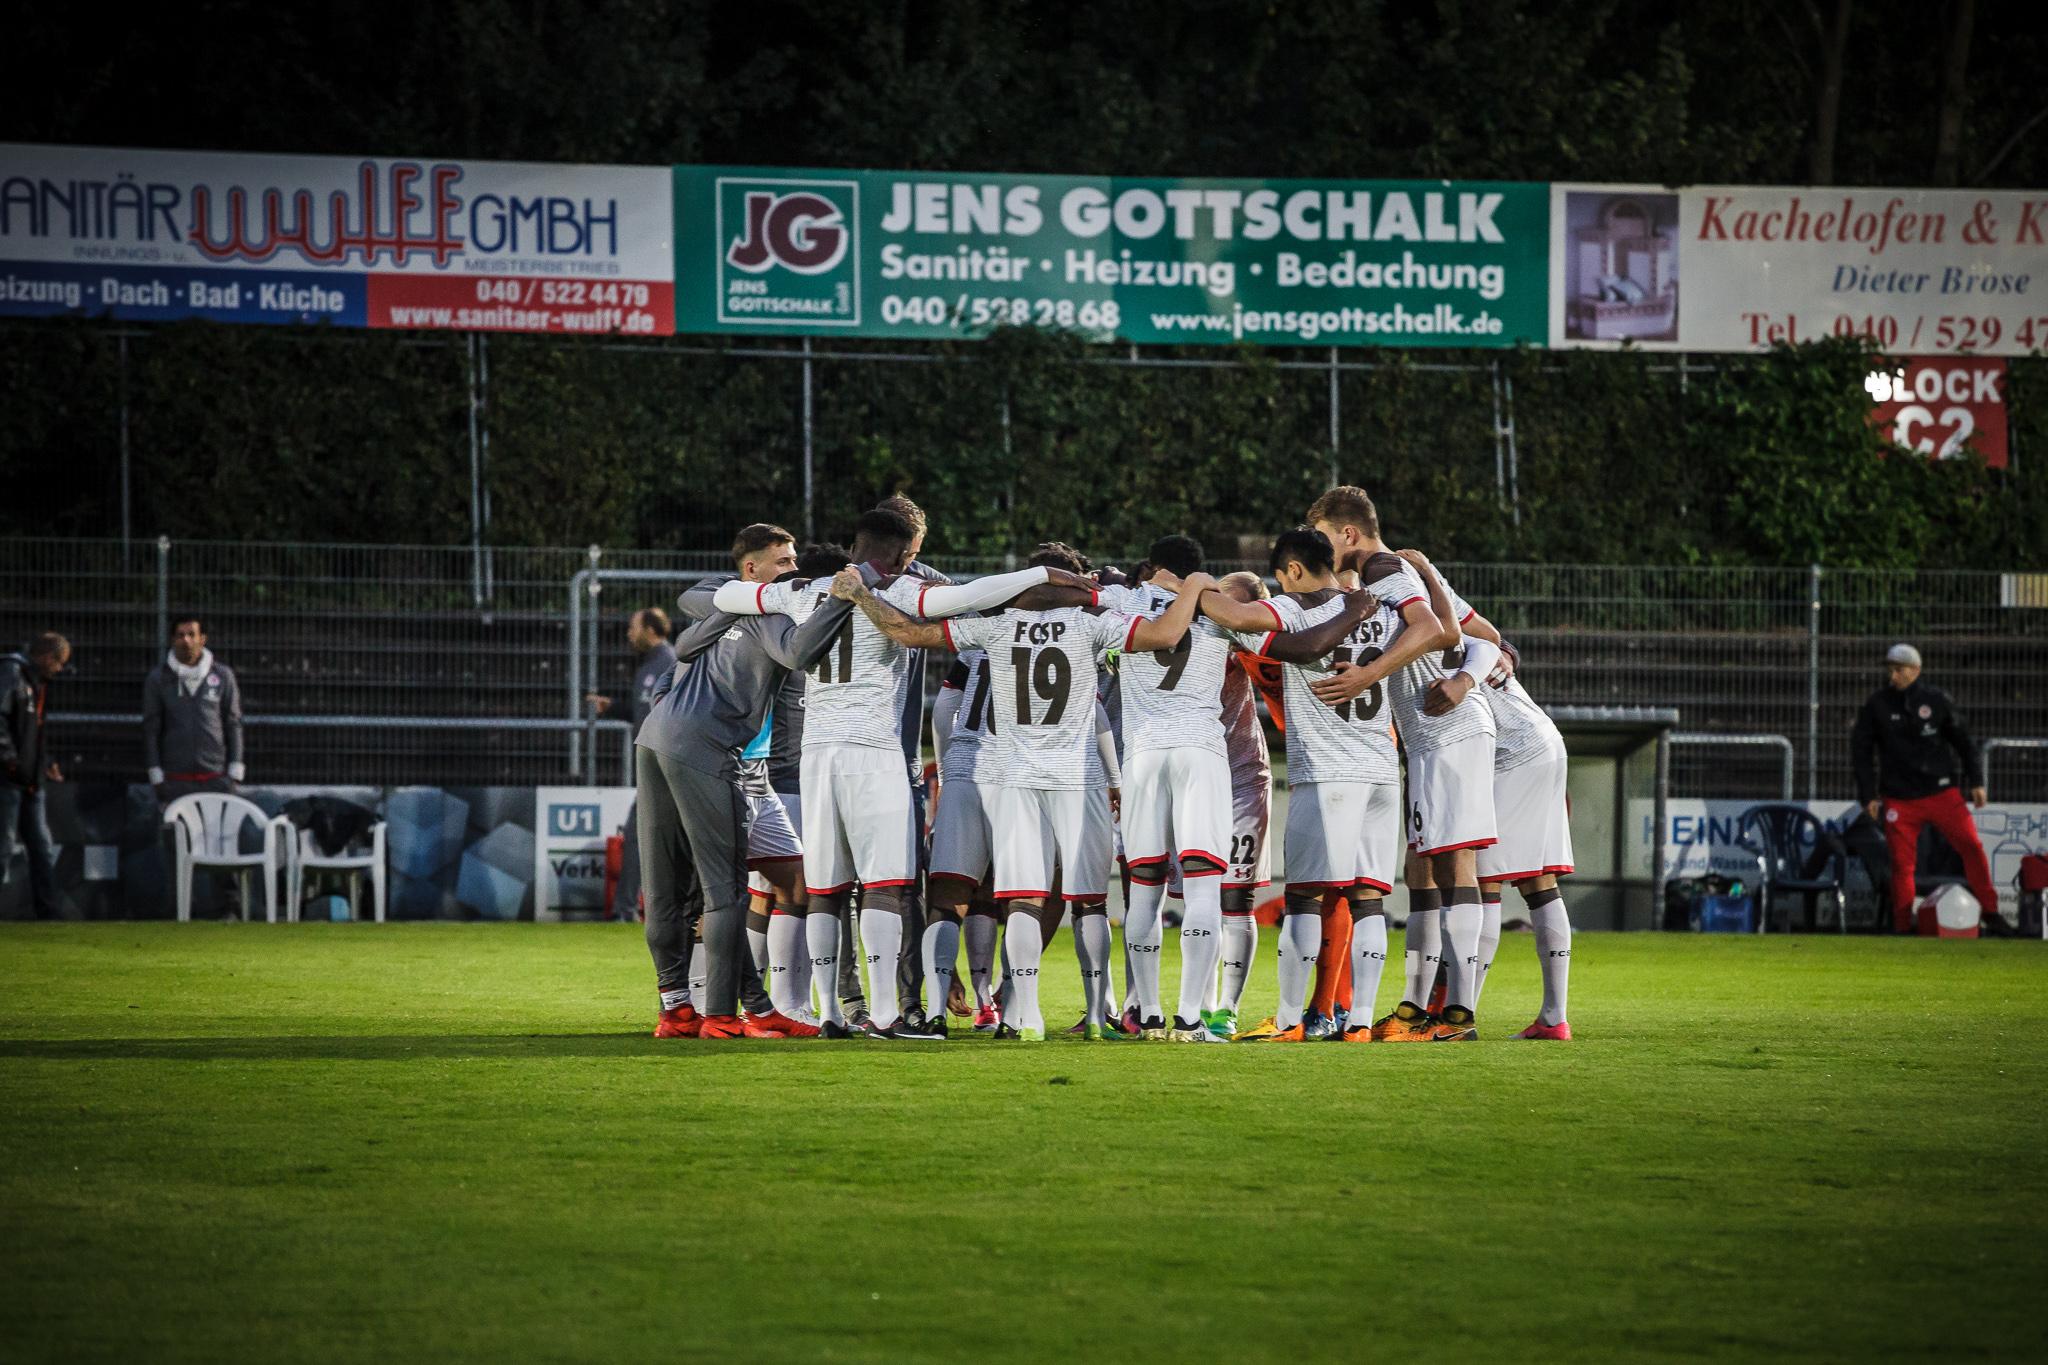 Hinrundenabschluss für U23 - Kiezkicker empfangen Braunschweig II